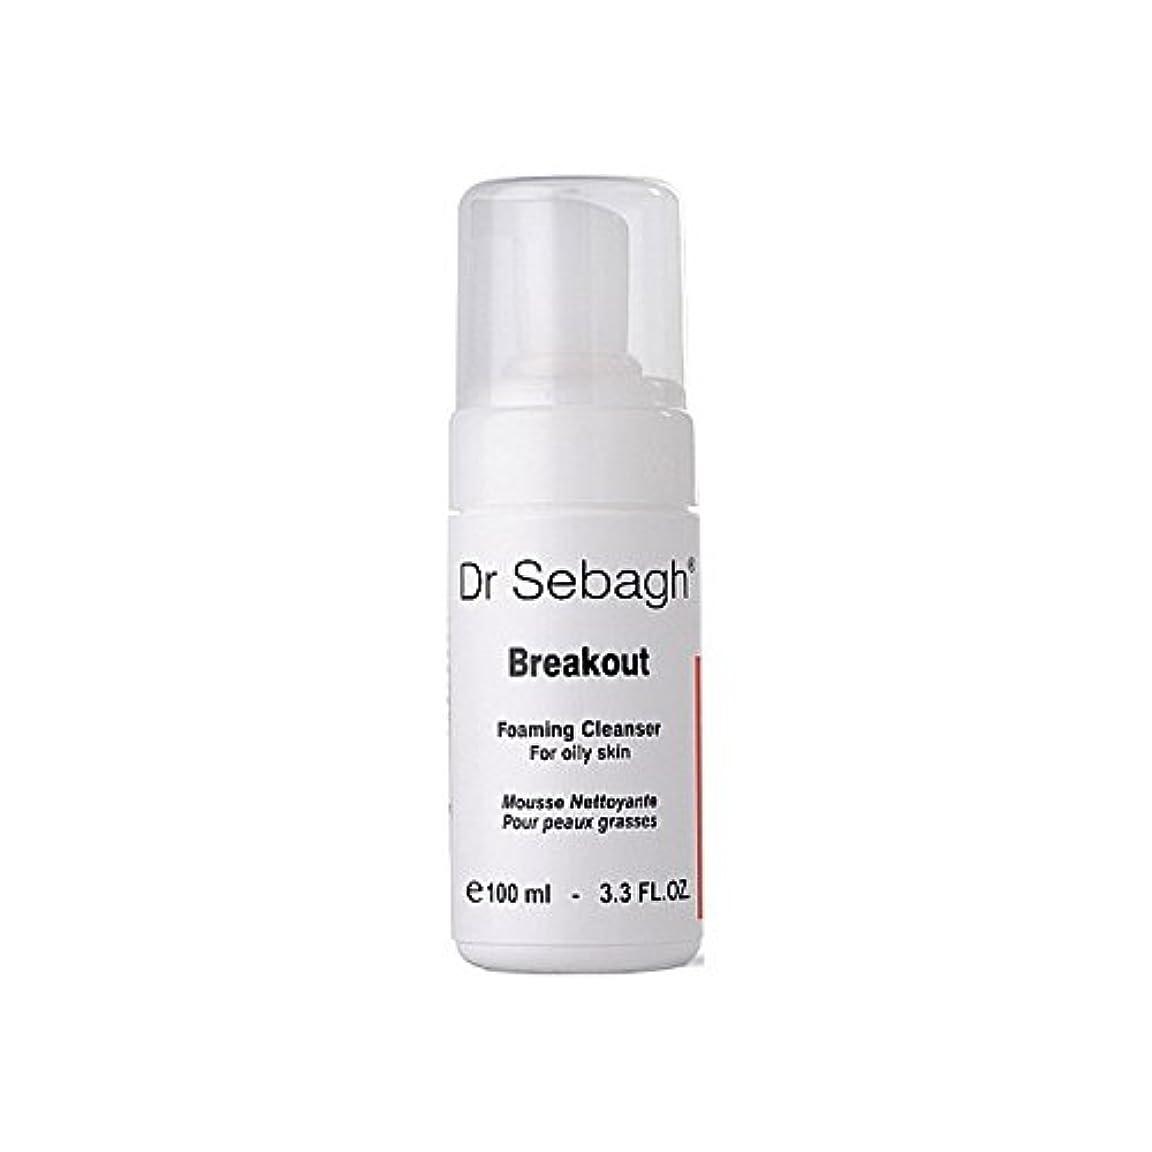 遠征待つセレナクレンザーを発泡の のブレイクアウト x4 - Dr Sebagh Breakout Foaming Cleanser (Pack of 4) [並行輸入品]